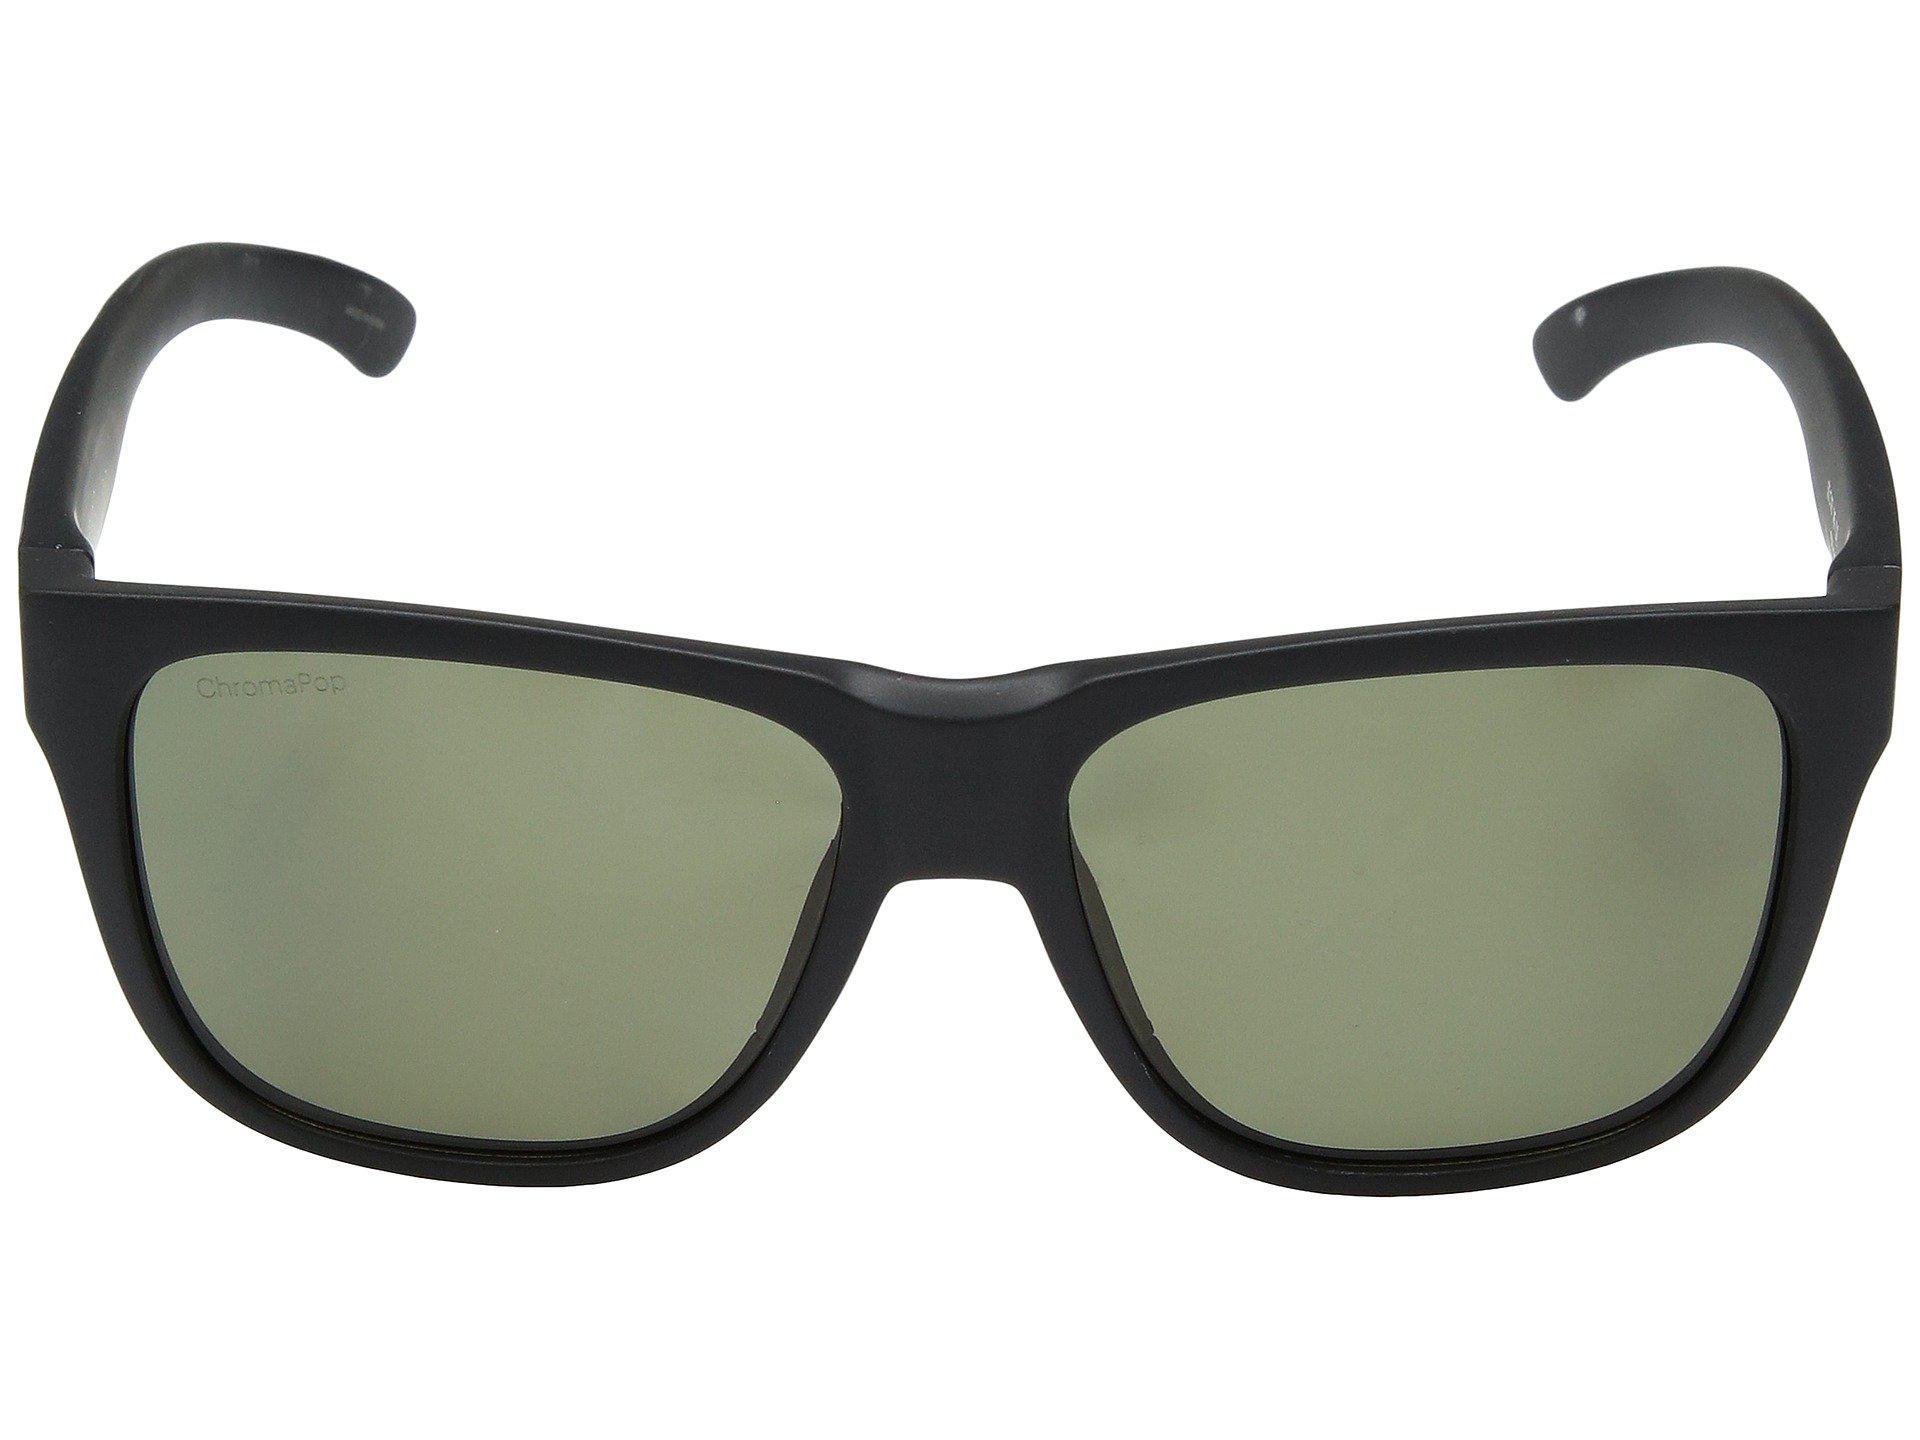 0b4925eb87a Smith Optics - Black Lowdown 2 (matte Tortoise brown Chromapoptm Polarized  Lens) Athletic. View fullscreen